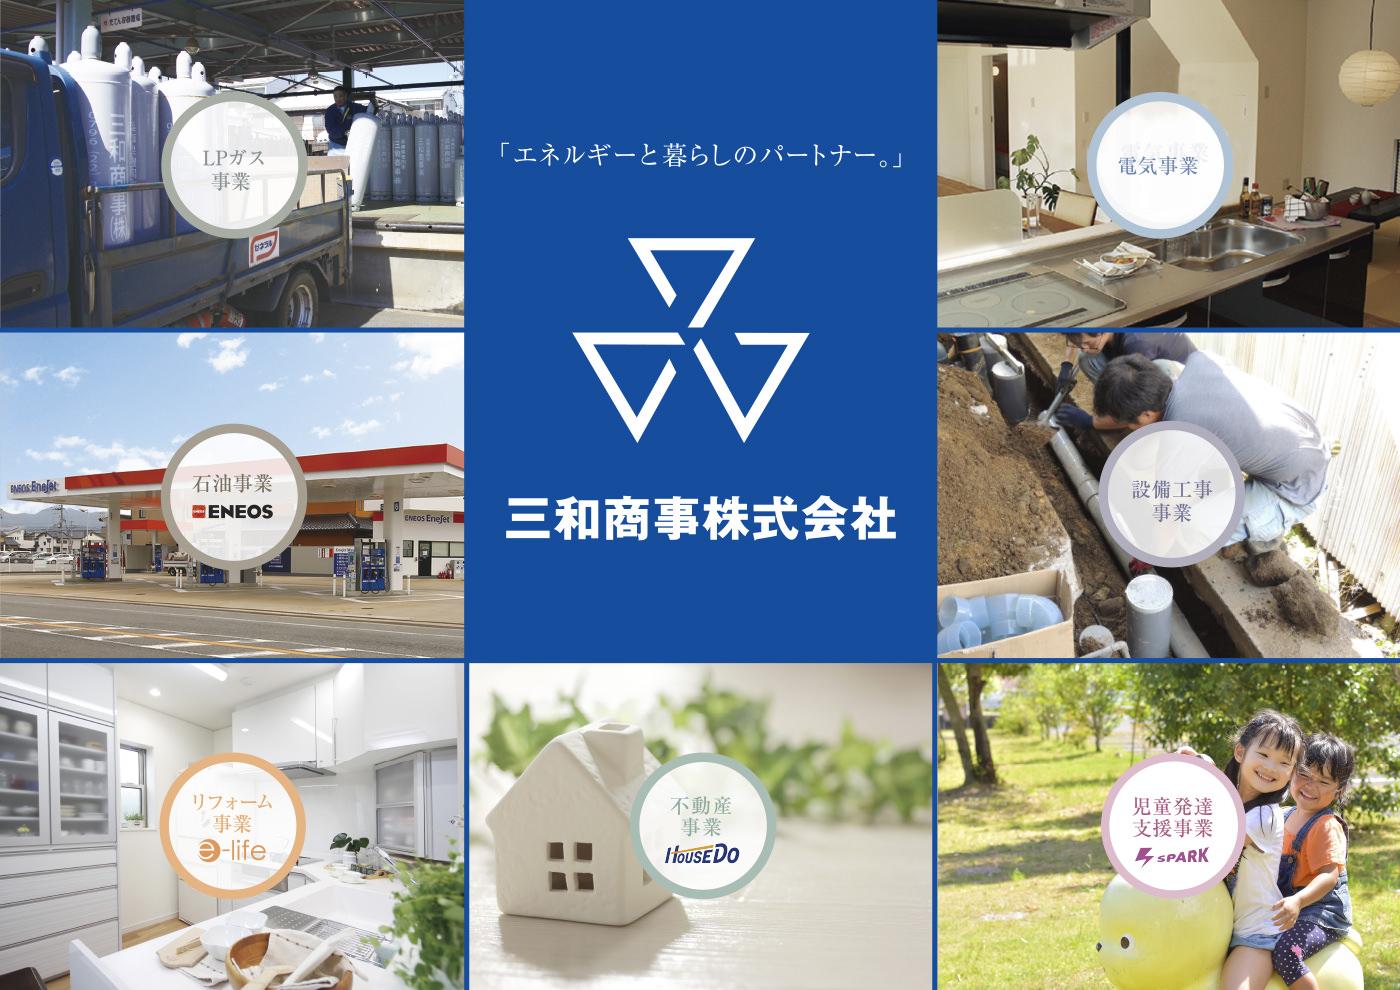 エネルギーと暮らしのパートナー 三和商事株式会社